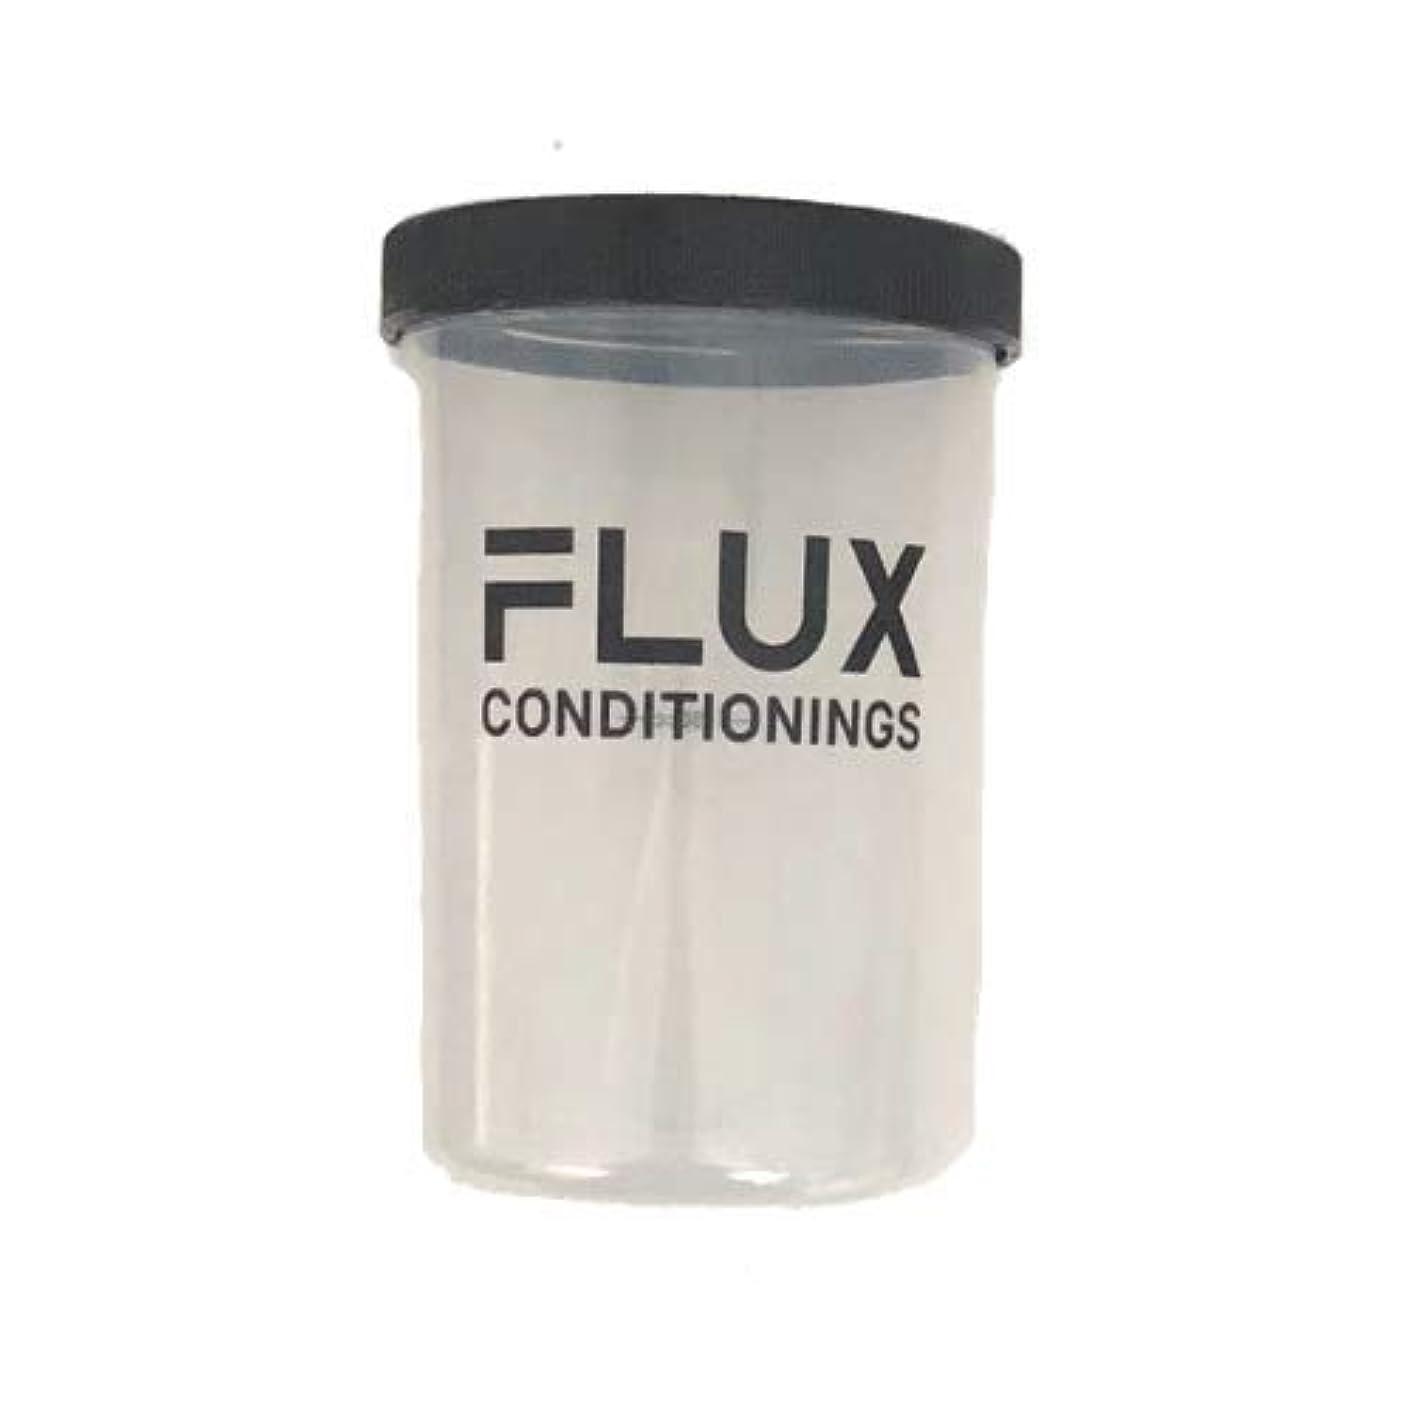 選択同行するみなす代官山FLUX(フラックス)ジム、プロテインシェーカー (500ml)